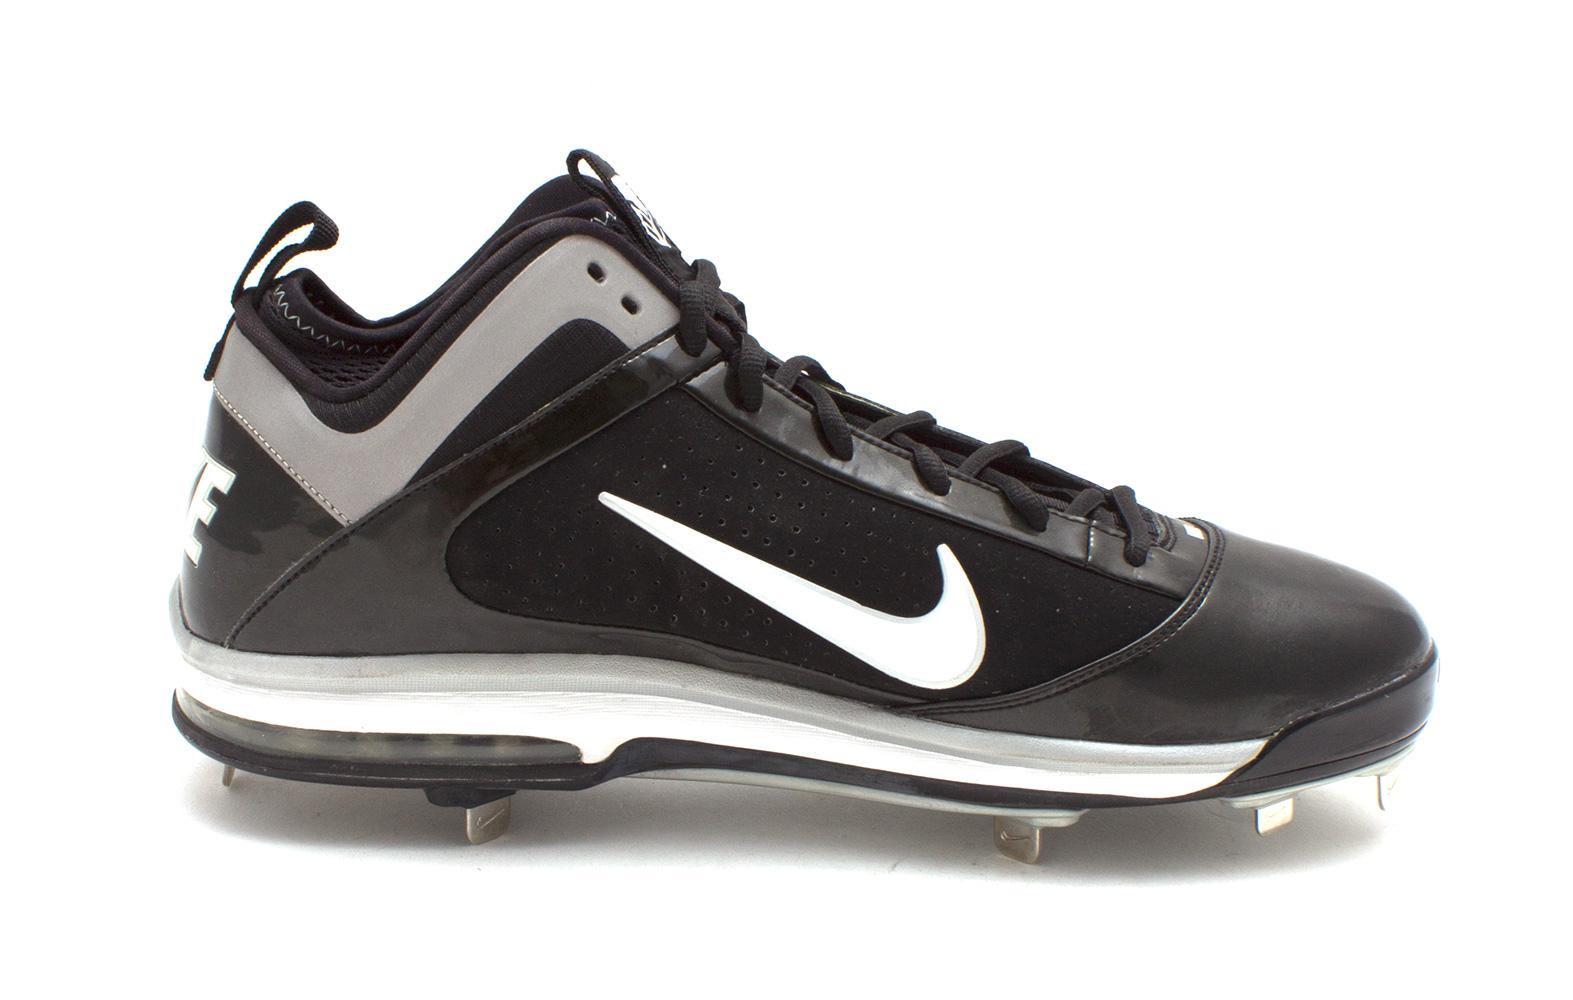 Nike AIR MAX DIAMOND ELITE METAL 15 Mens Athletic Shoes Black WHITE ... 55494a6f8